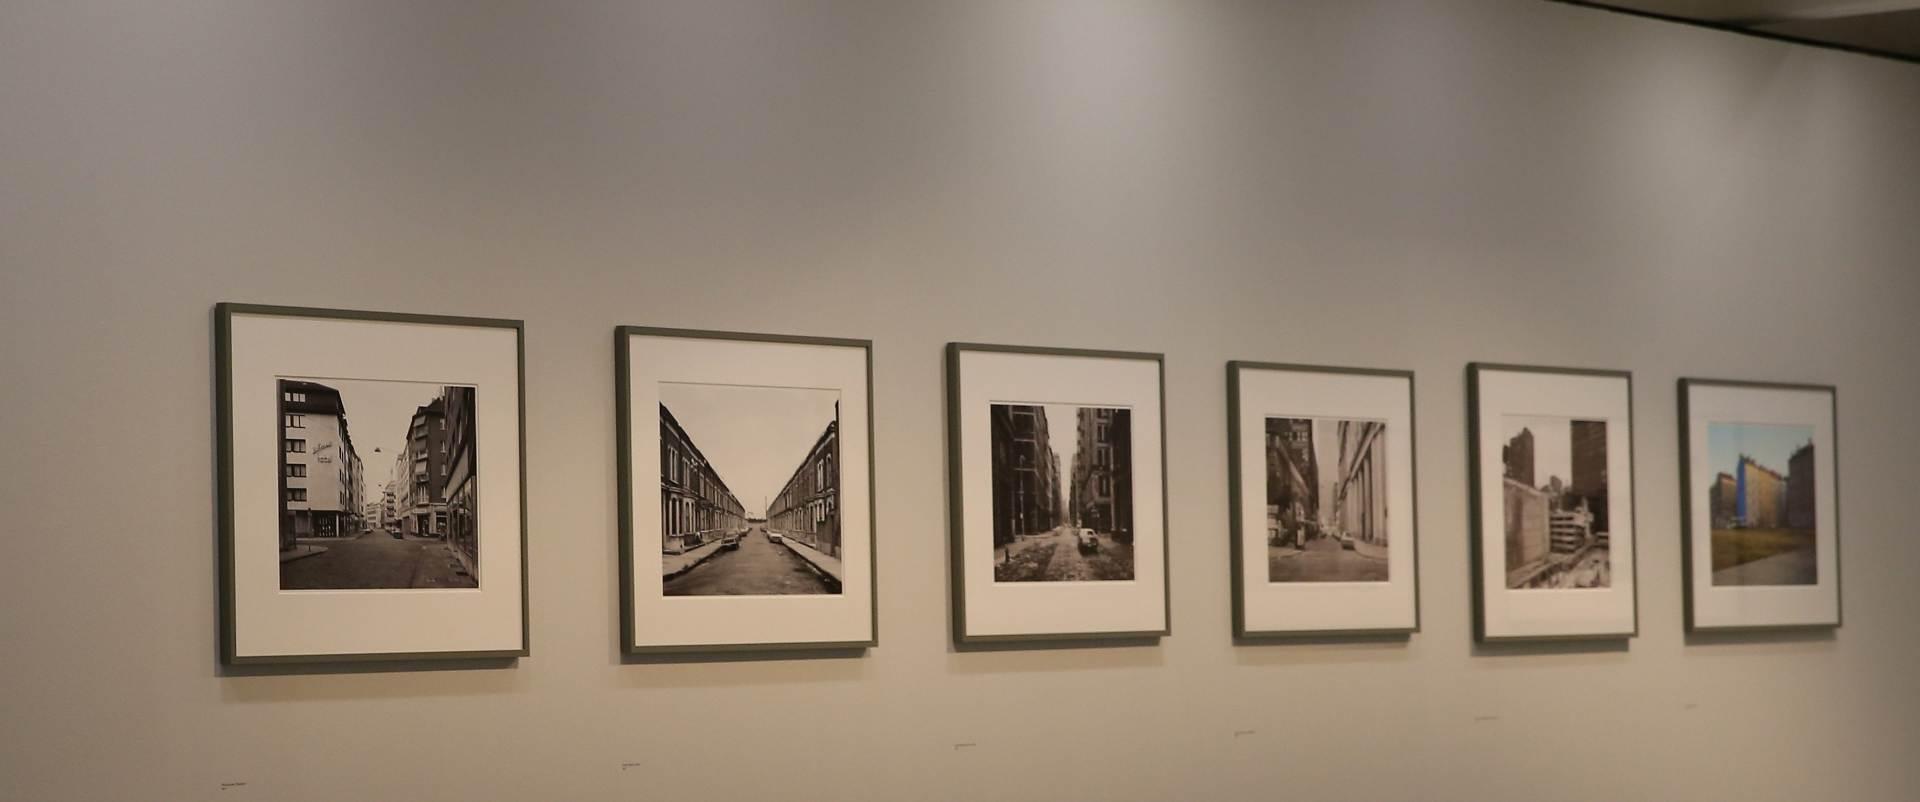 Hrvatski umjetnici ponovno u MoMA-i